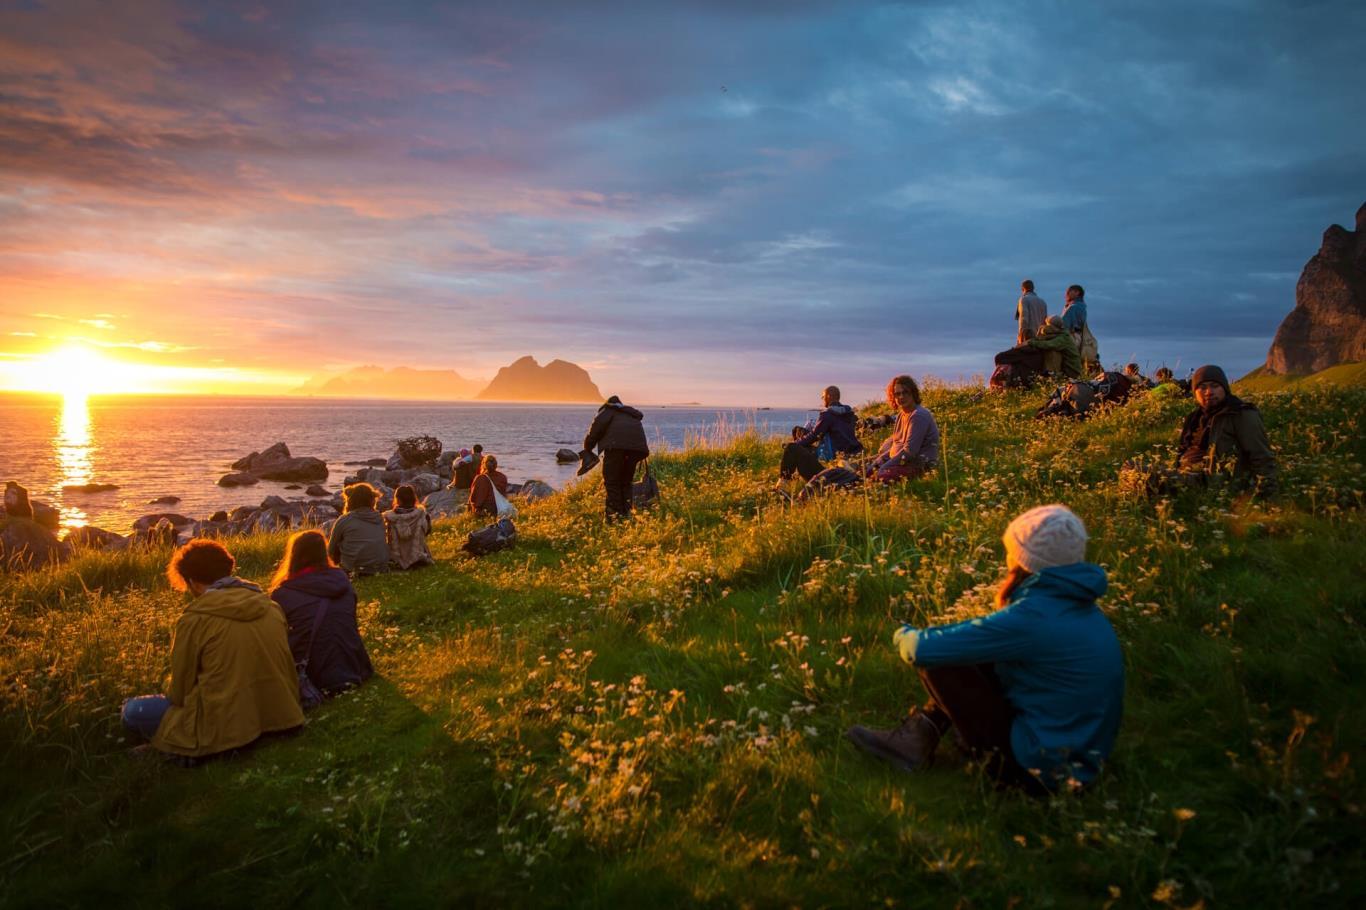 Na Uy là một trong những nơi mà bạn có thể tận mắt chứng kiến hiện tượng mặt trời lúc nửa đêm